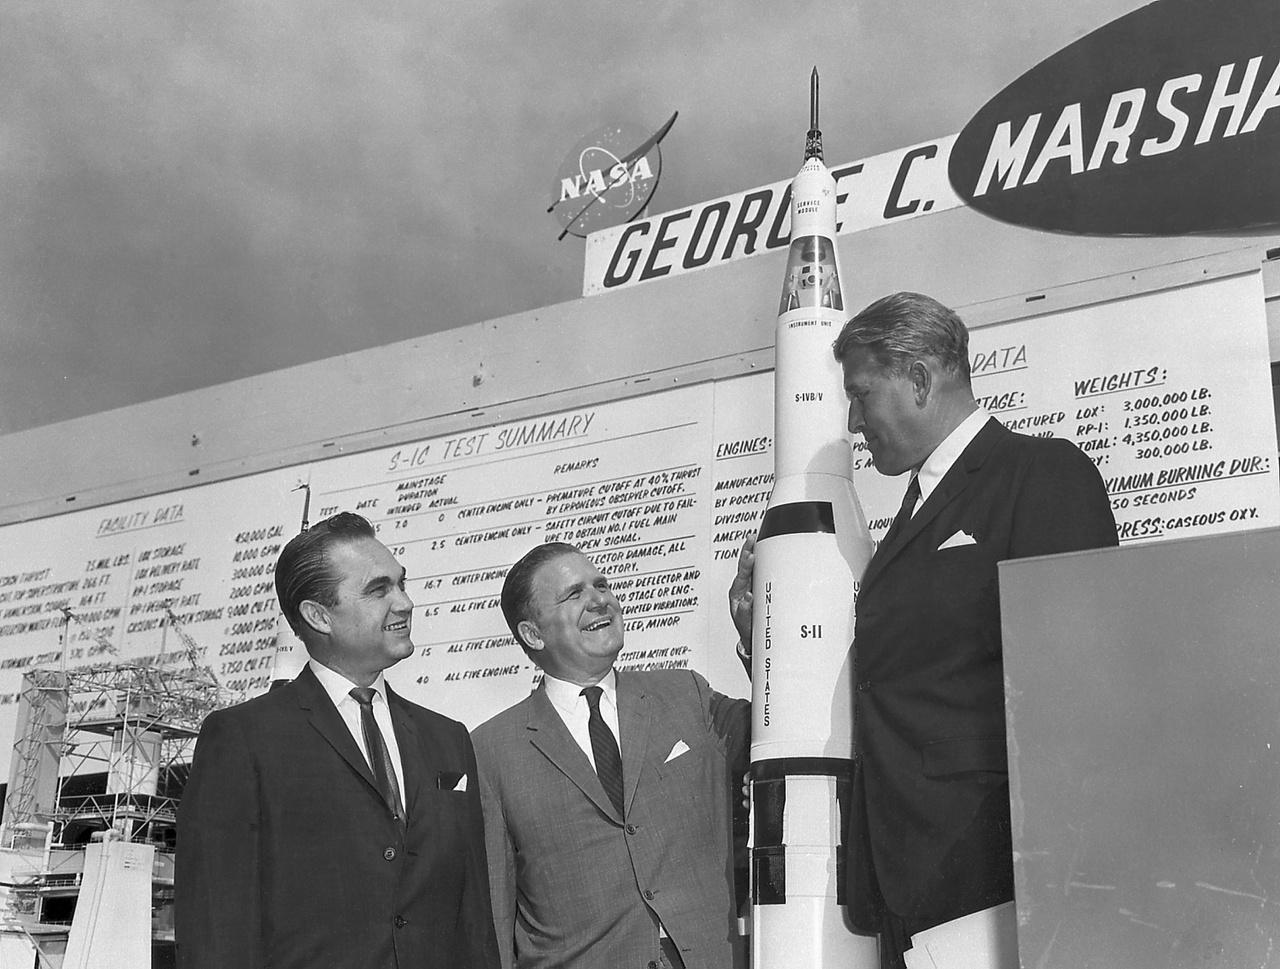 1965. június 8.: George Wallace, alabamai kormányzó (balra), James Webb, a NASA igazgatója (középen) és Wernher von Braun, a holdrakéta atyja, a NASA Marshall űrközpontjának (Marshall Space Flight Center, MSFC) vezetője a Saturn-V modelljével.